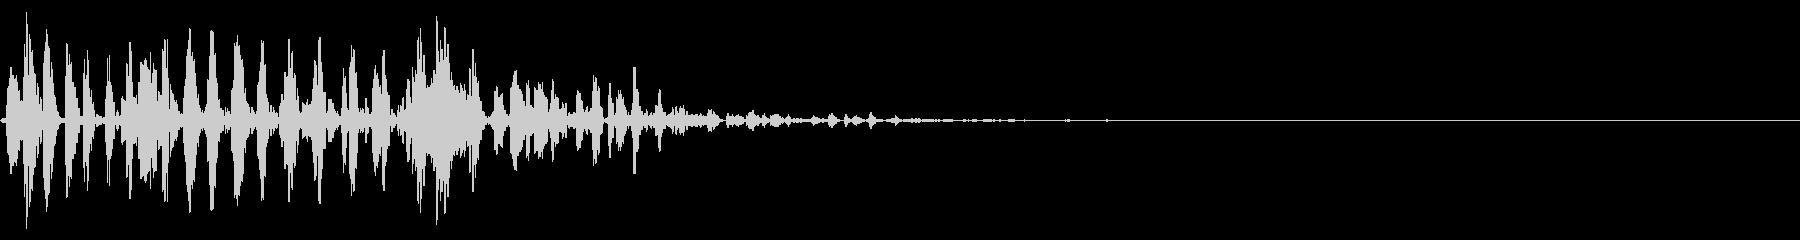 ブリュルル(ダメージ・攻撃を受ける)の未再生の波形